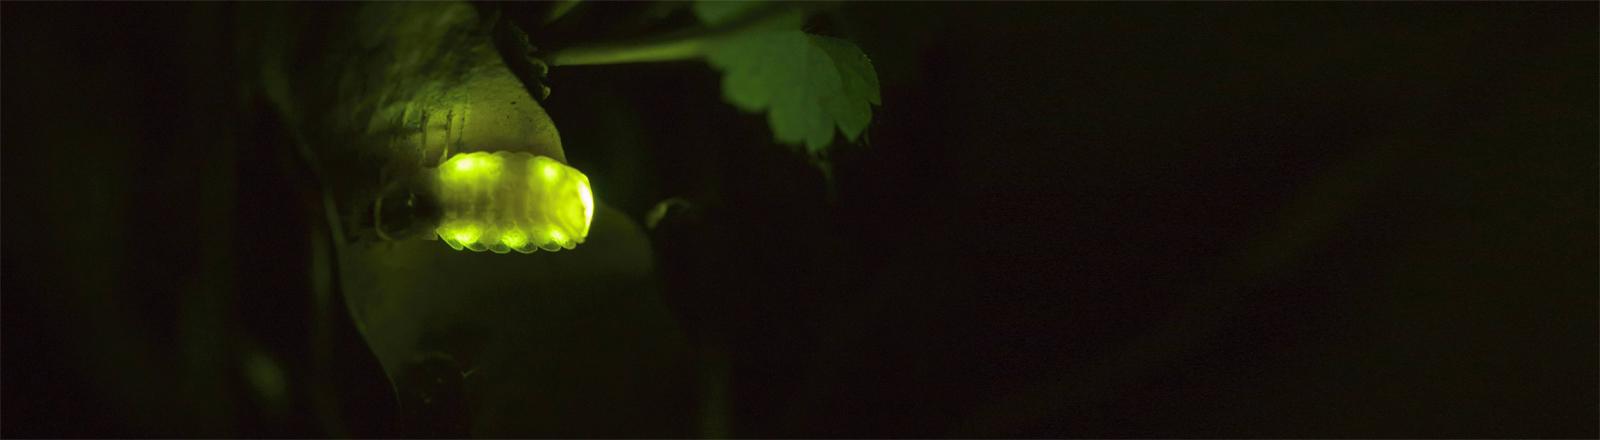 Ein Glühwürmchen bzw. Leuchtkäfer